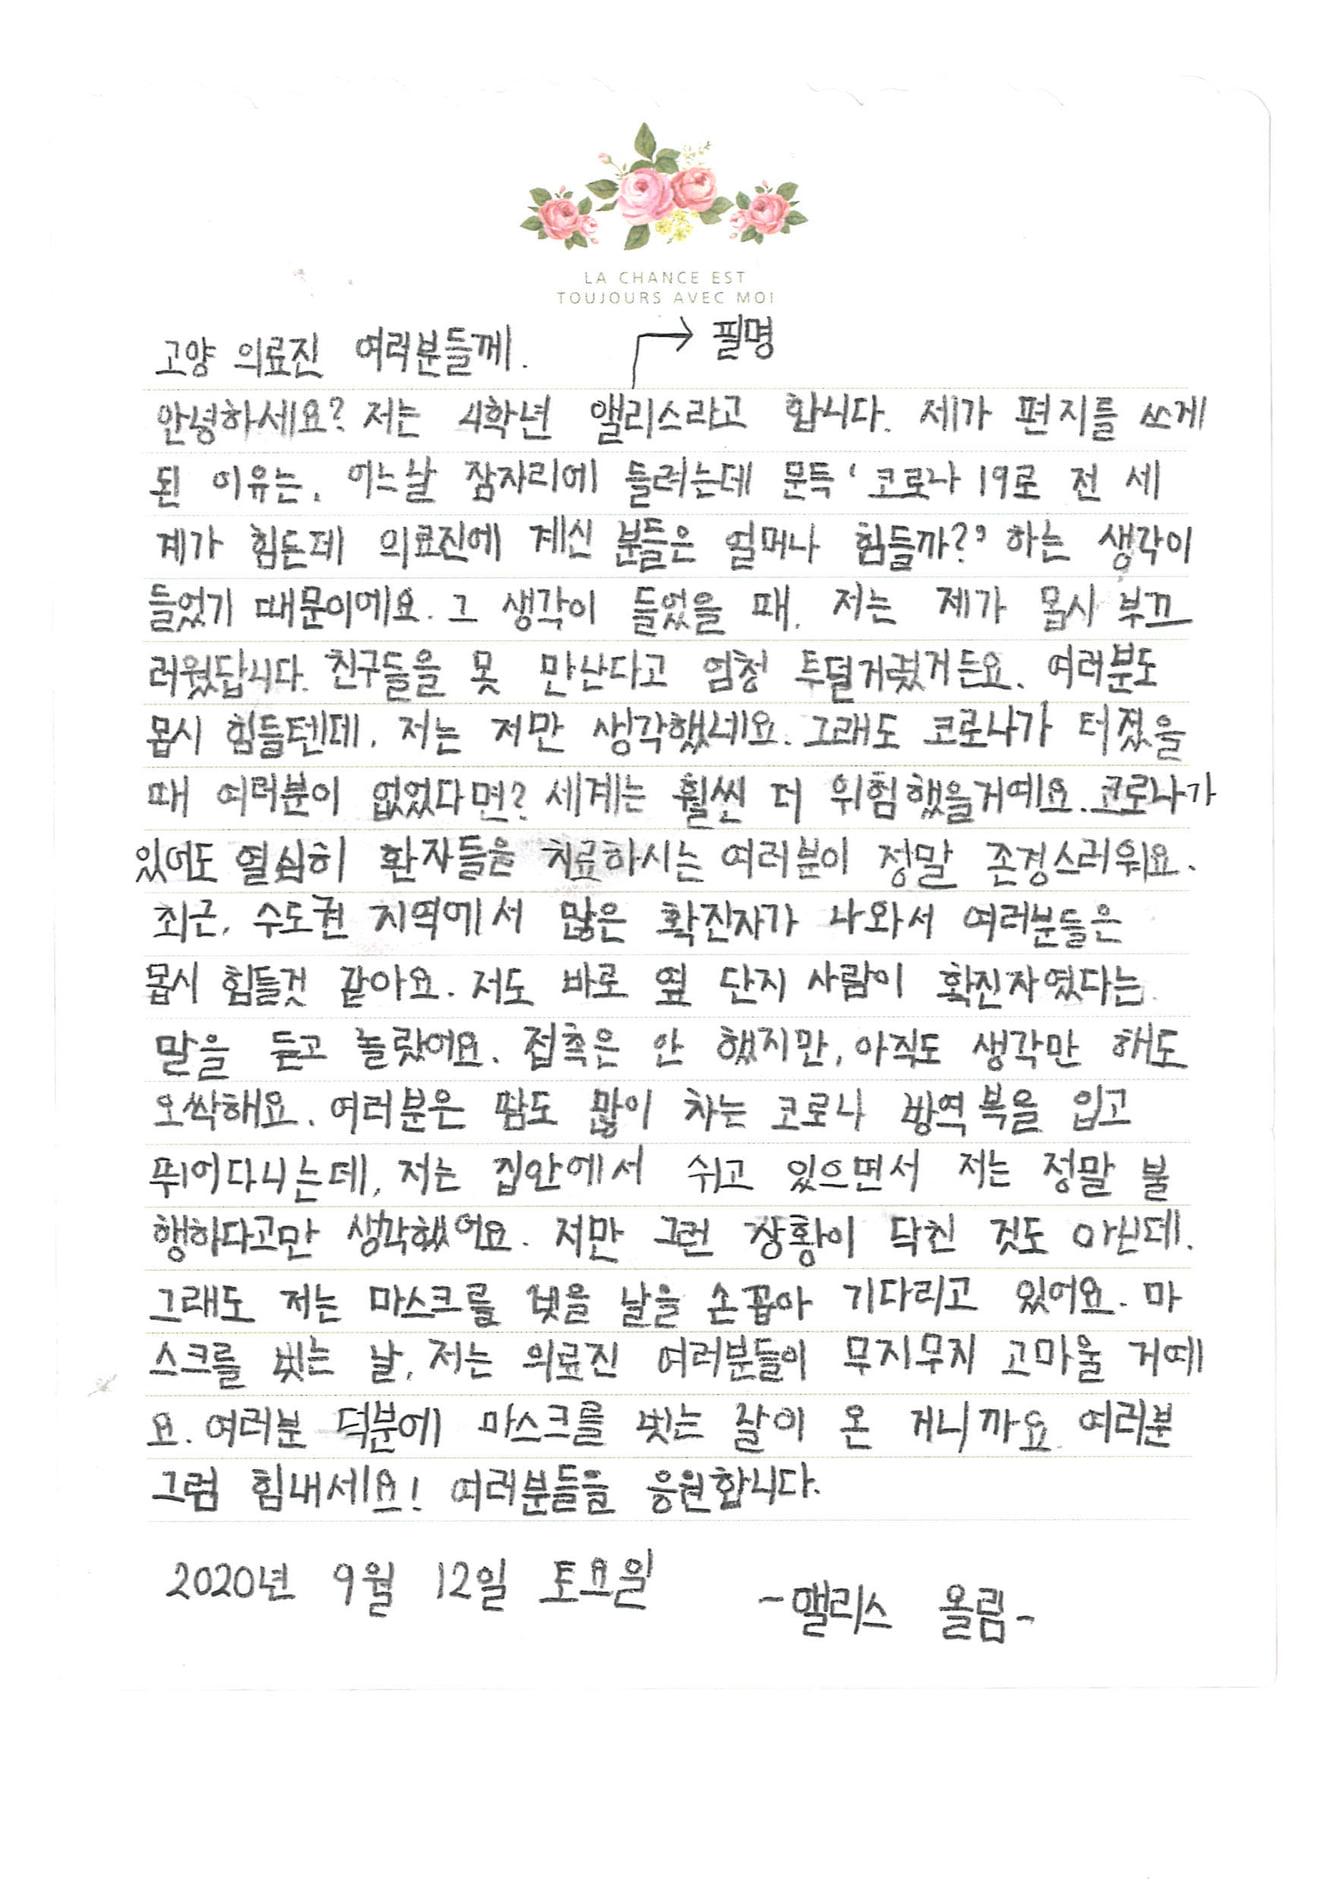 """""""제가 부끄러웠다"""" 초등학교 4학년이 의료진에 보낸 감사 편지"""